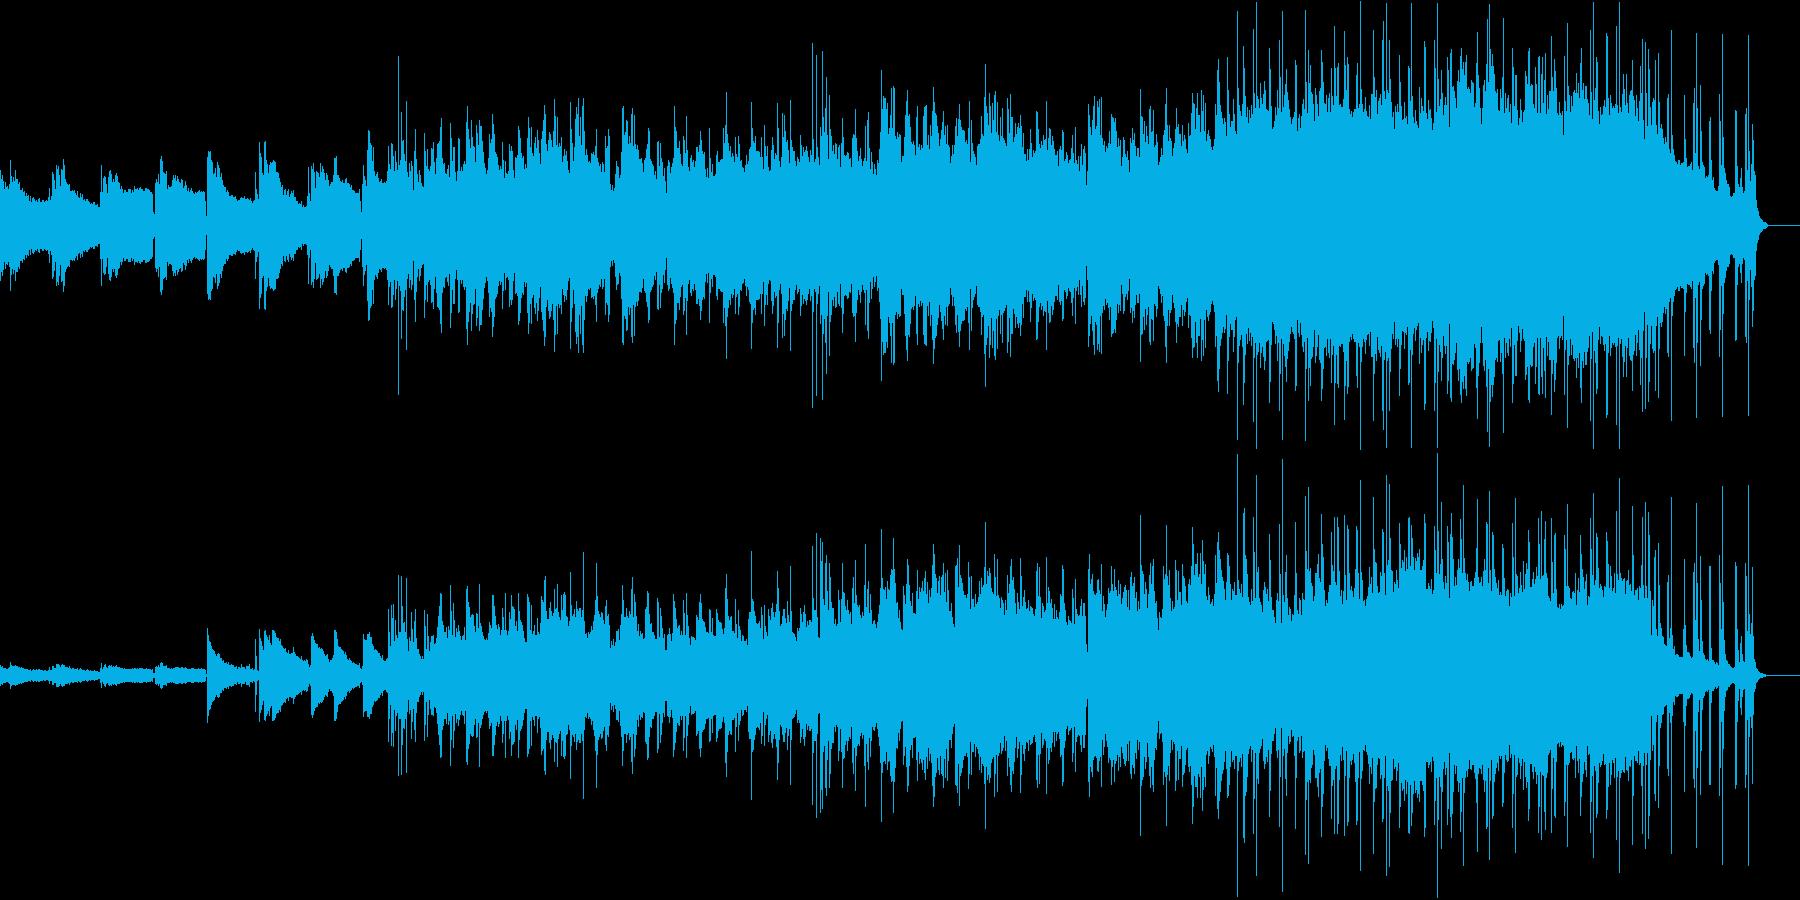 ゆったりしたギターソロの再生済みの波形